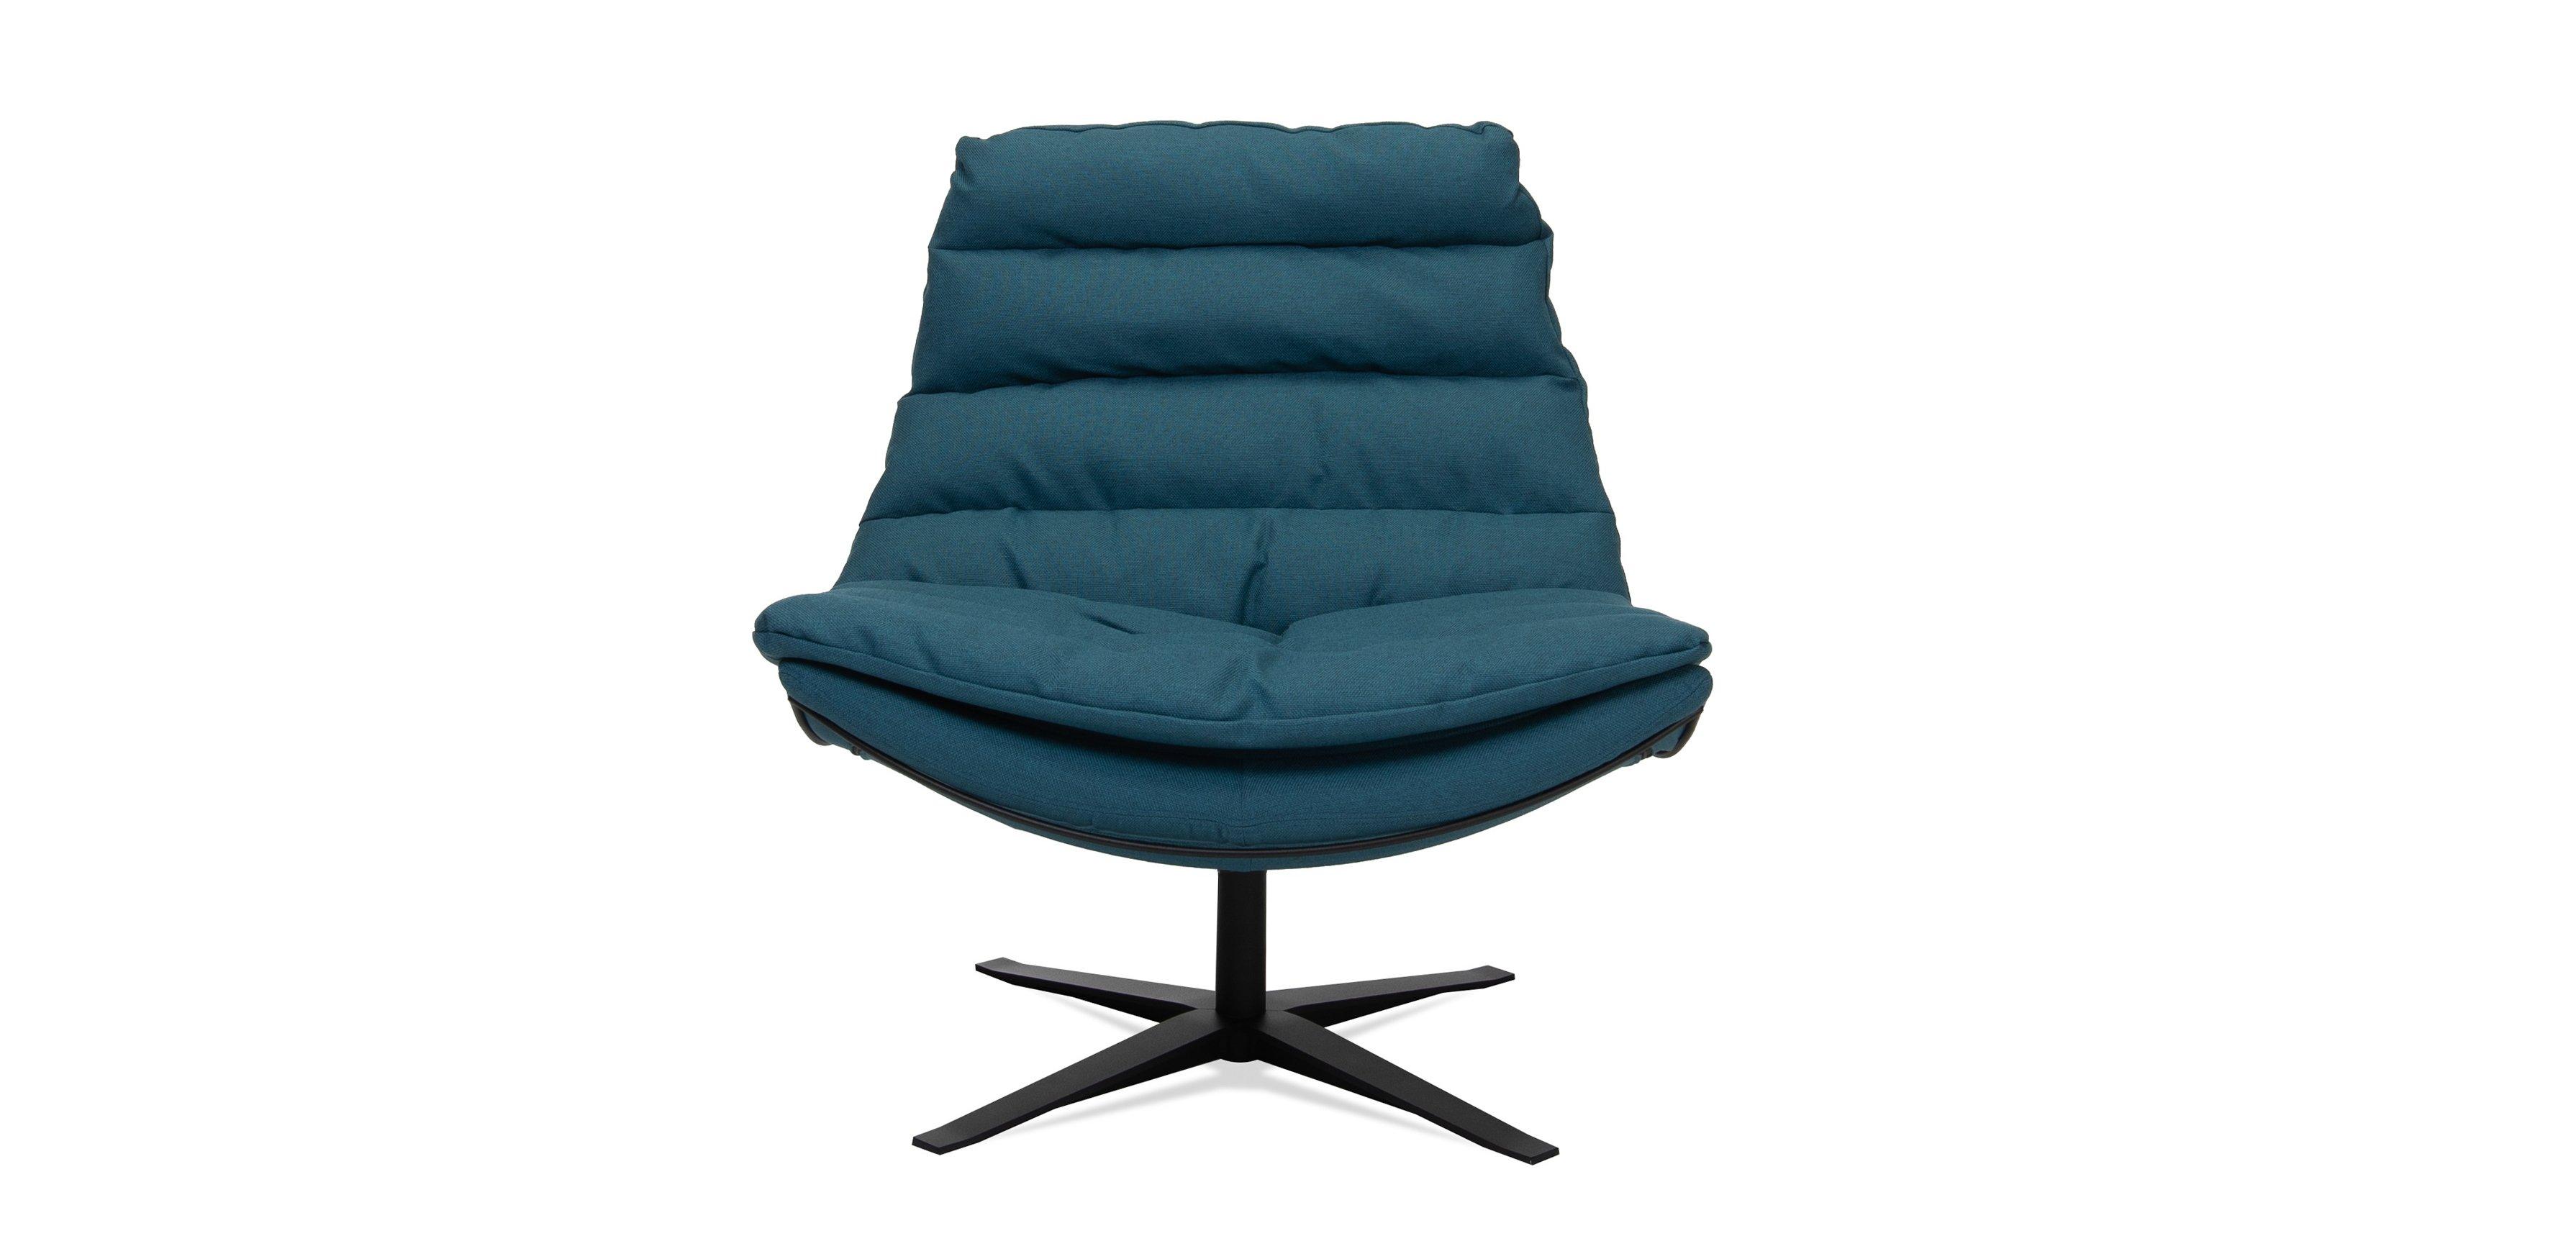 Kameraad hoog fauteuil DYYK 1